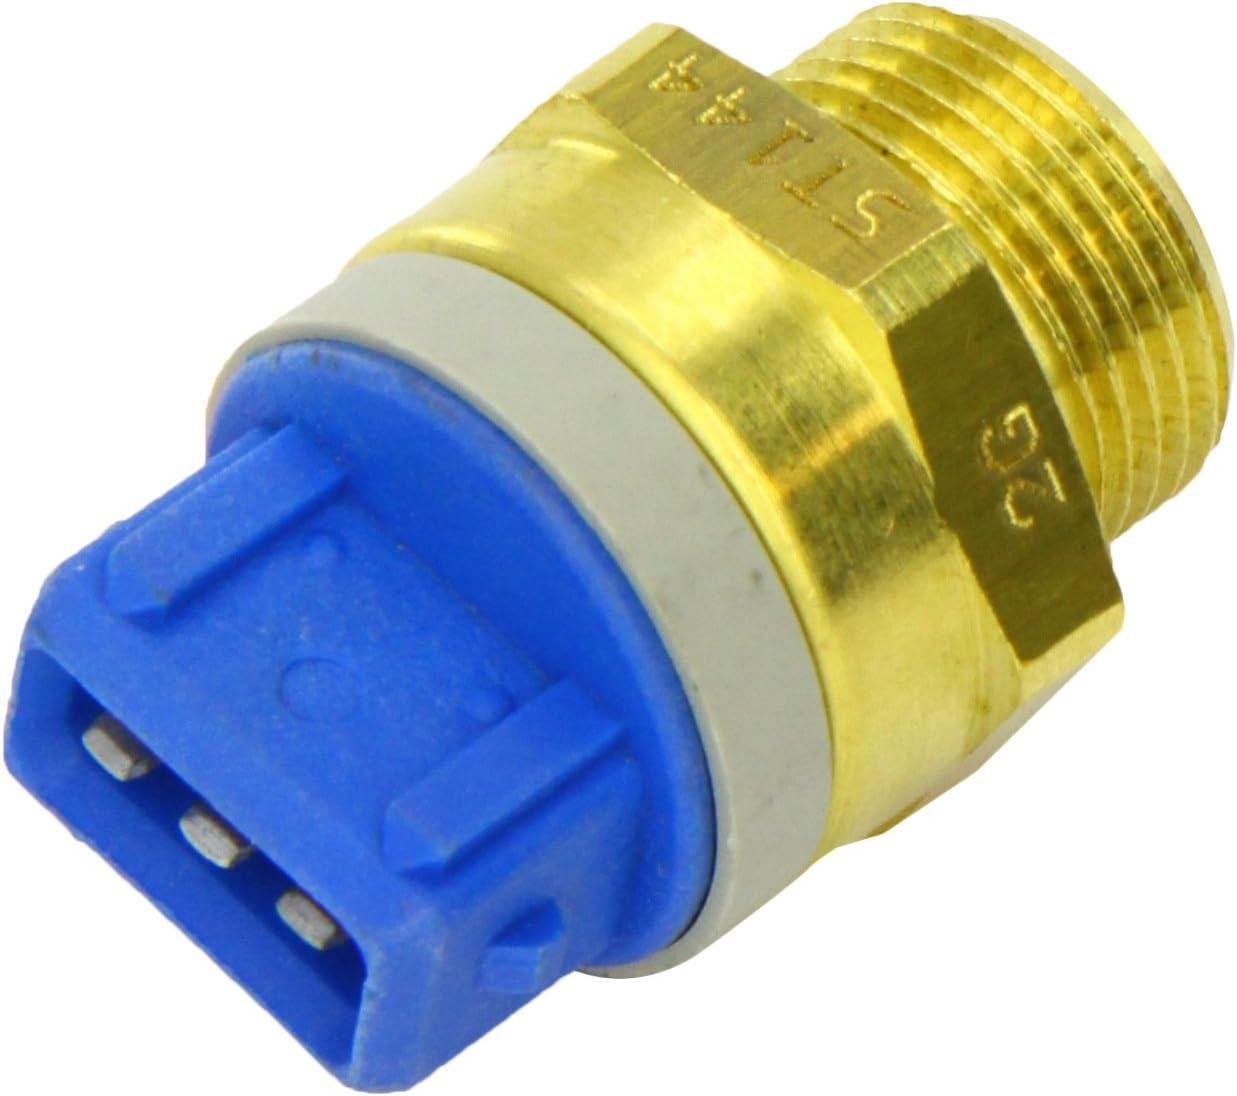 Valves de radiateur en laiton vieilli incluses TRV et ☛ Lockshield ▪ Faringdon Ensemble de valves de radiateur thermostatiques traditionnelles